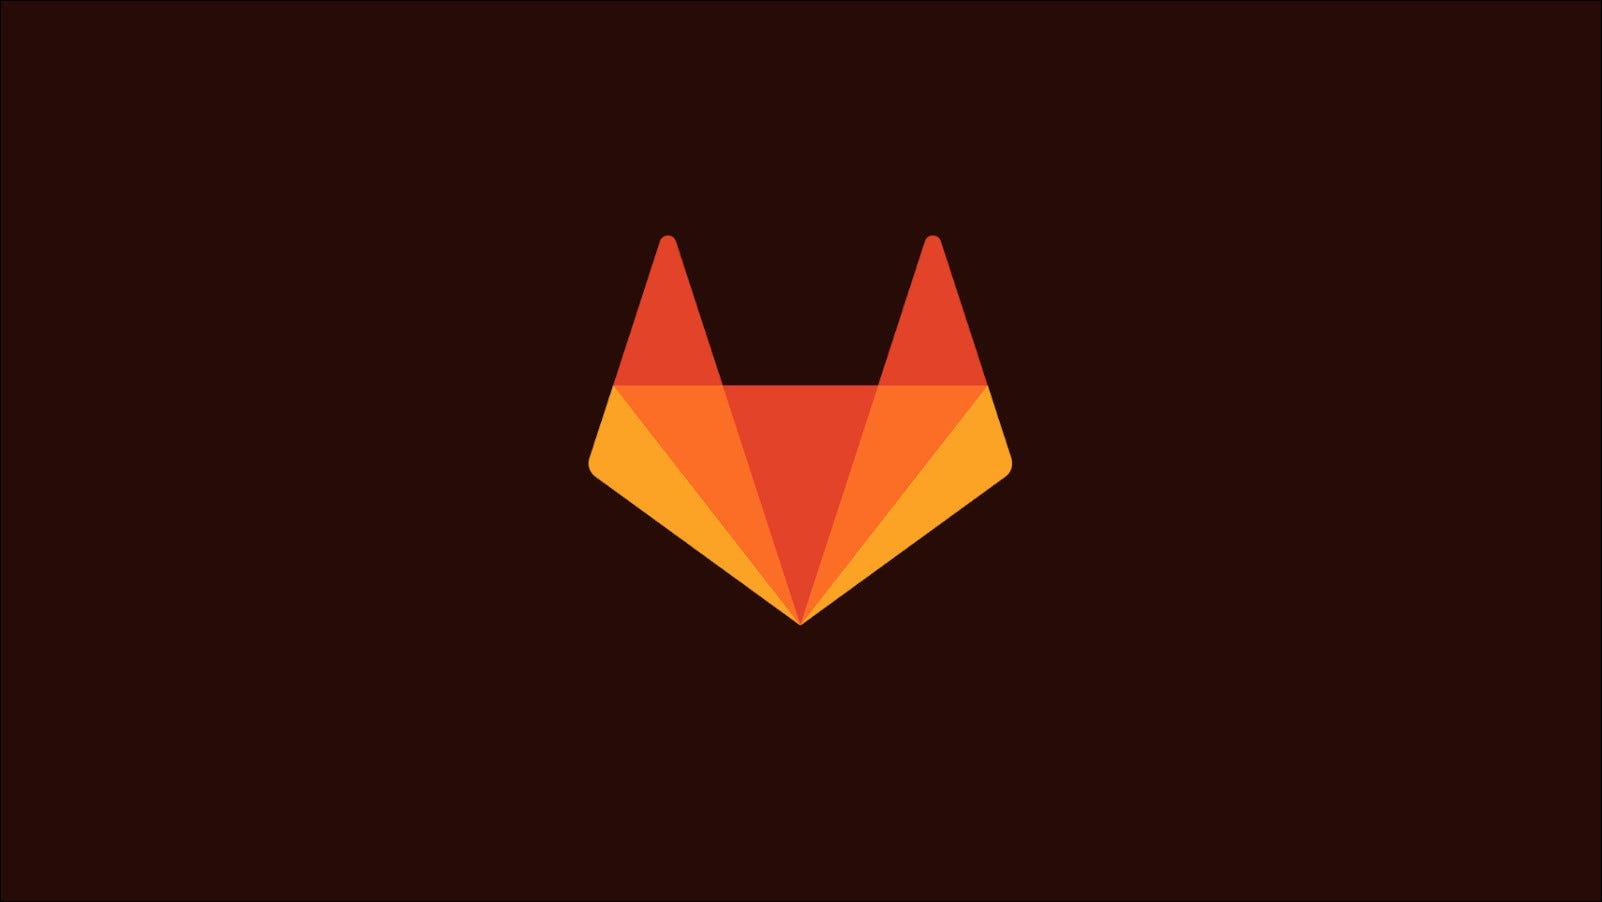 A GitLab logót ábrázoló grafika, egy stilizált rókafej